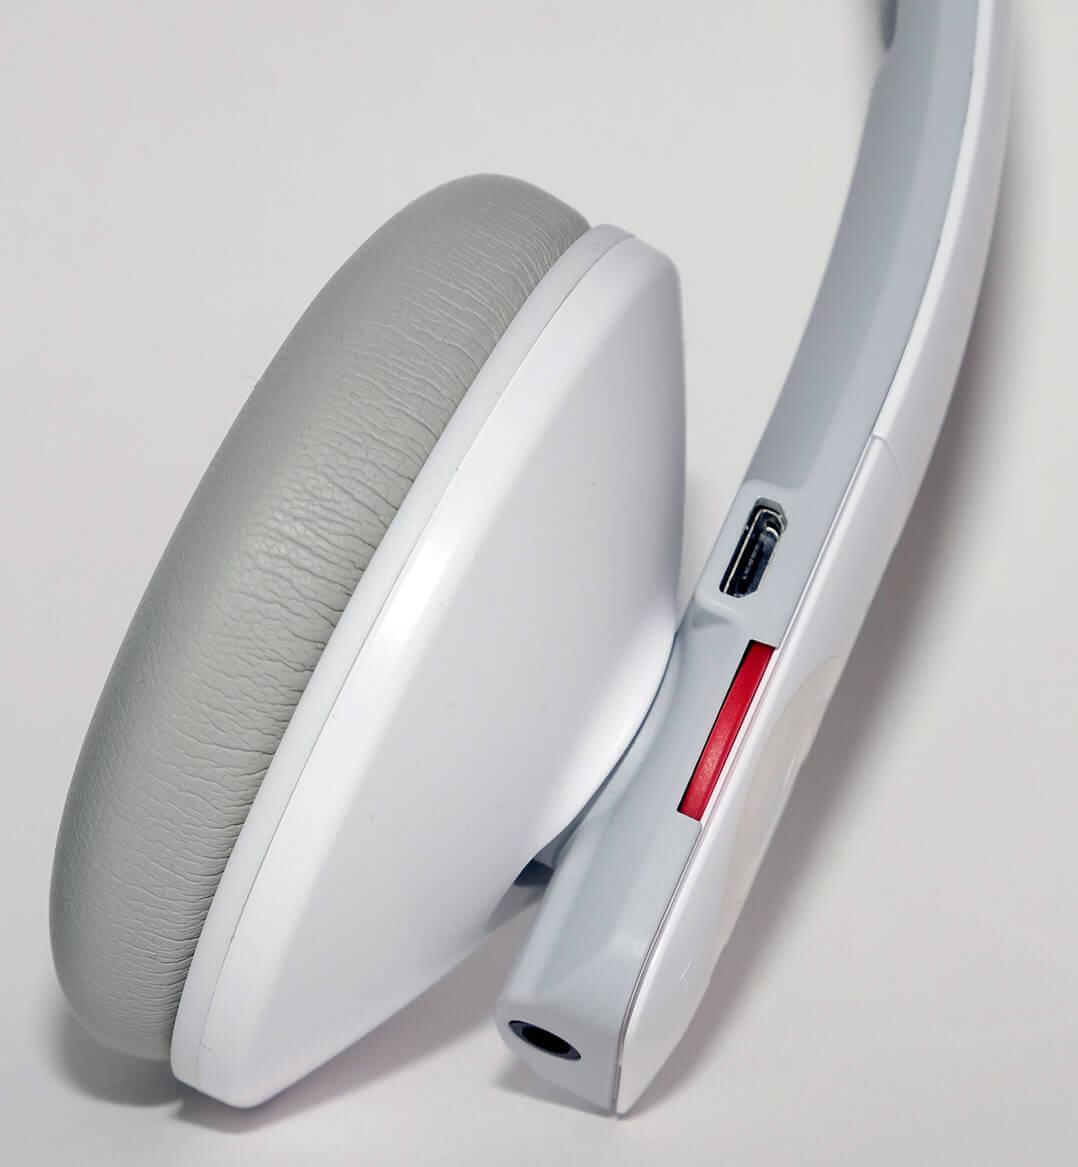 Der Lautstärke-Drehregler ist in Rot gehalten